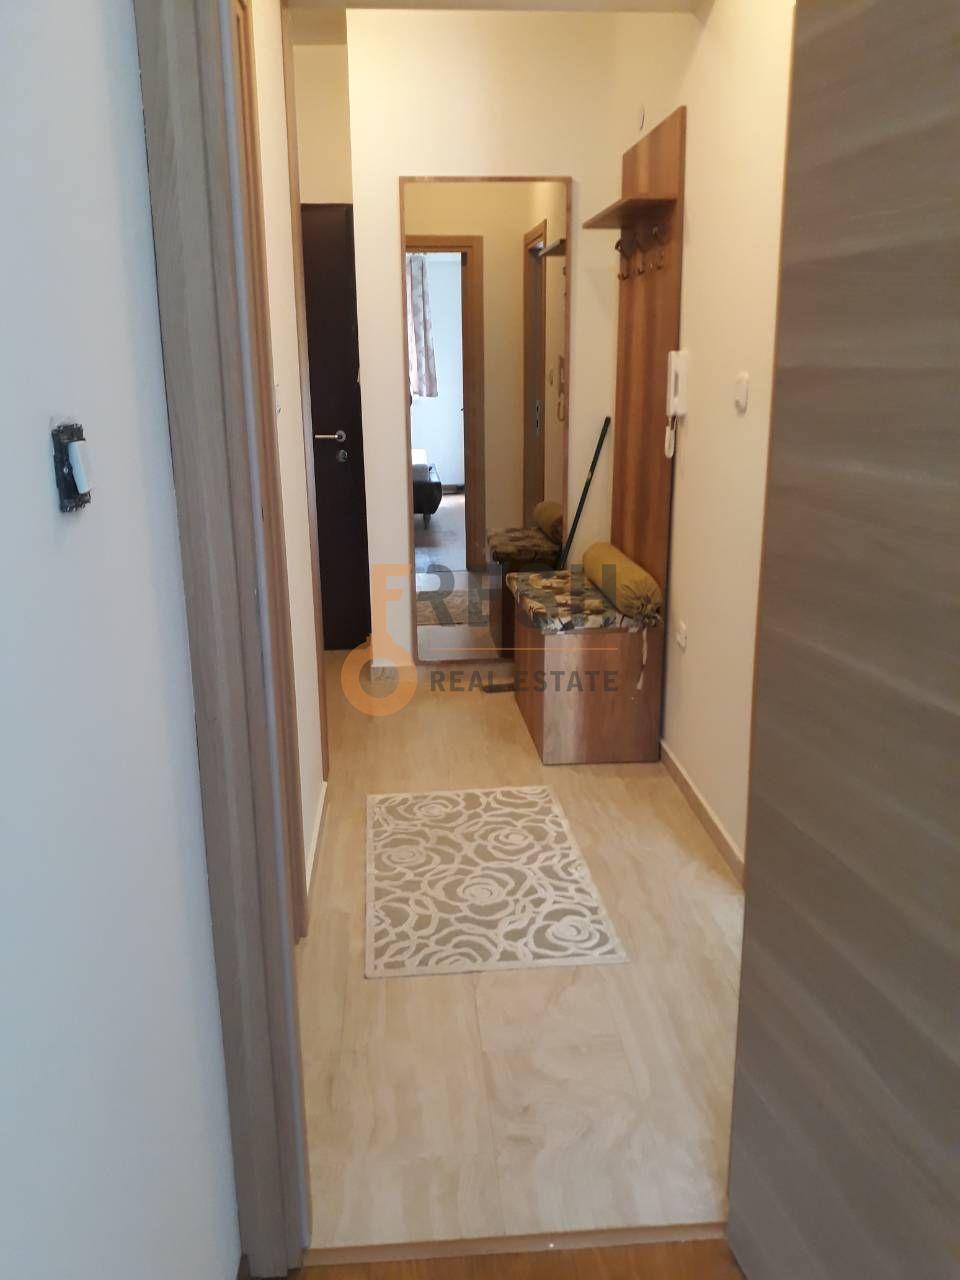 Lux jednosoban stan, 52m2, Ljubović, Izdavanje - 8